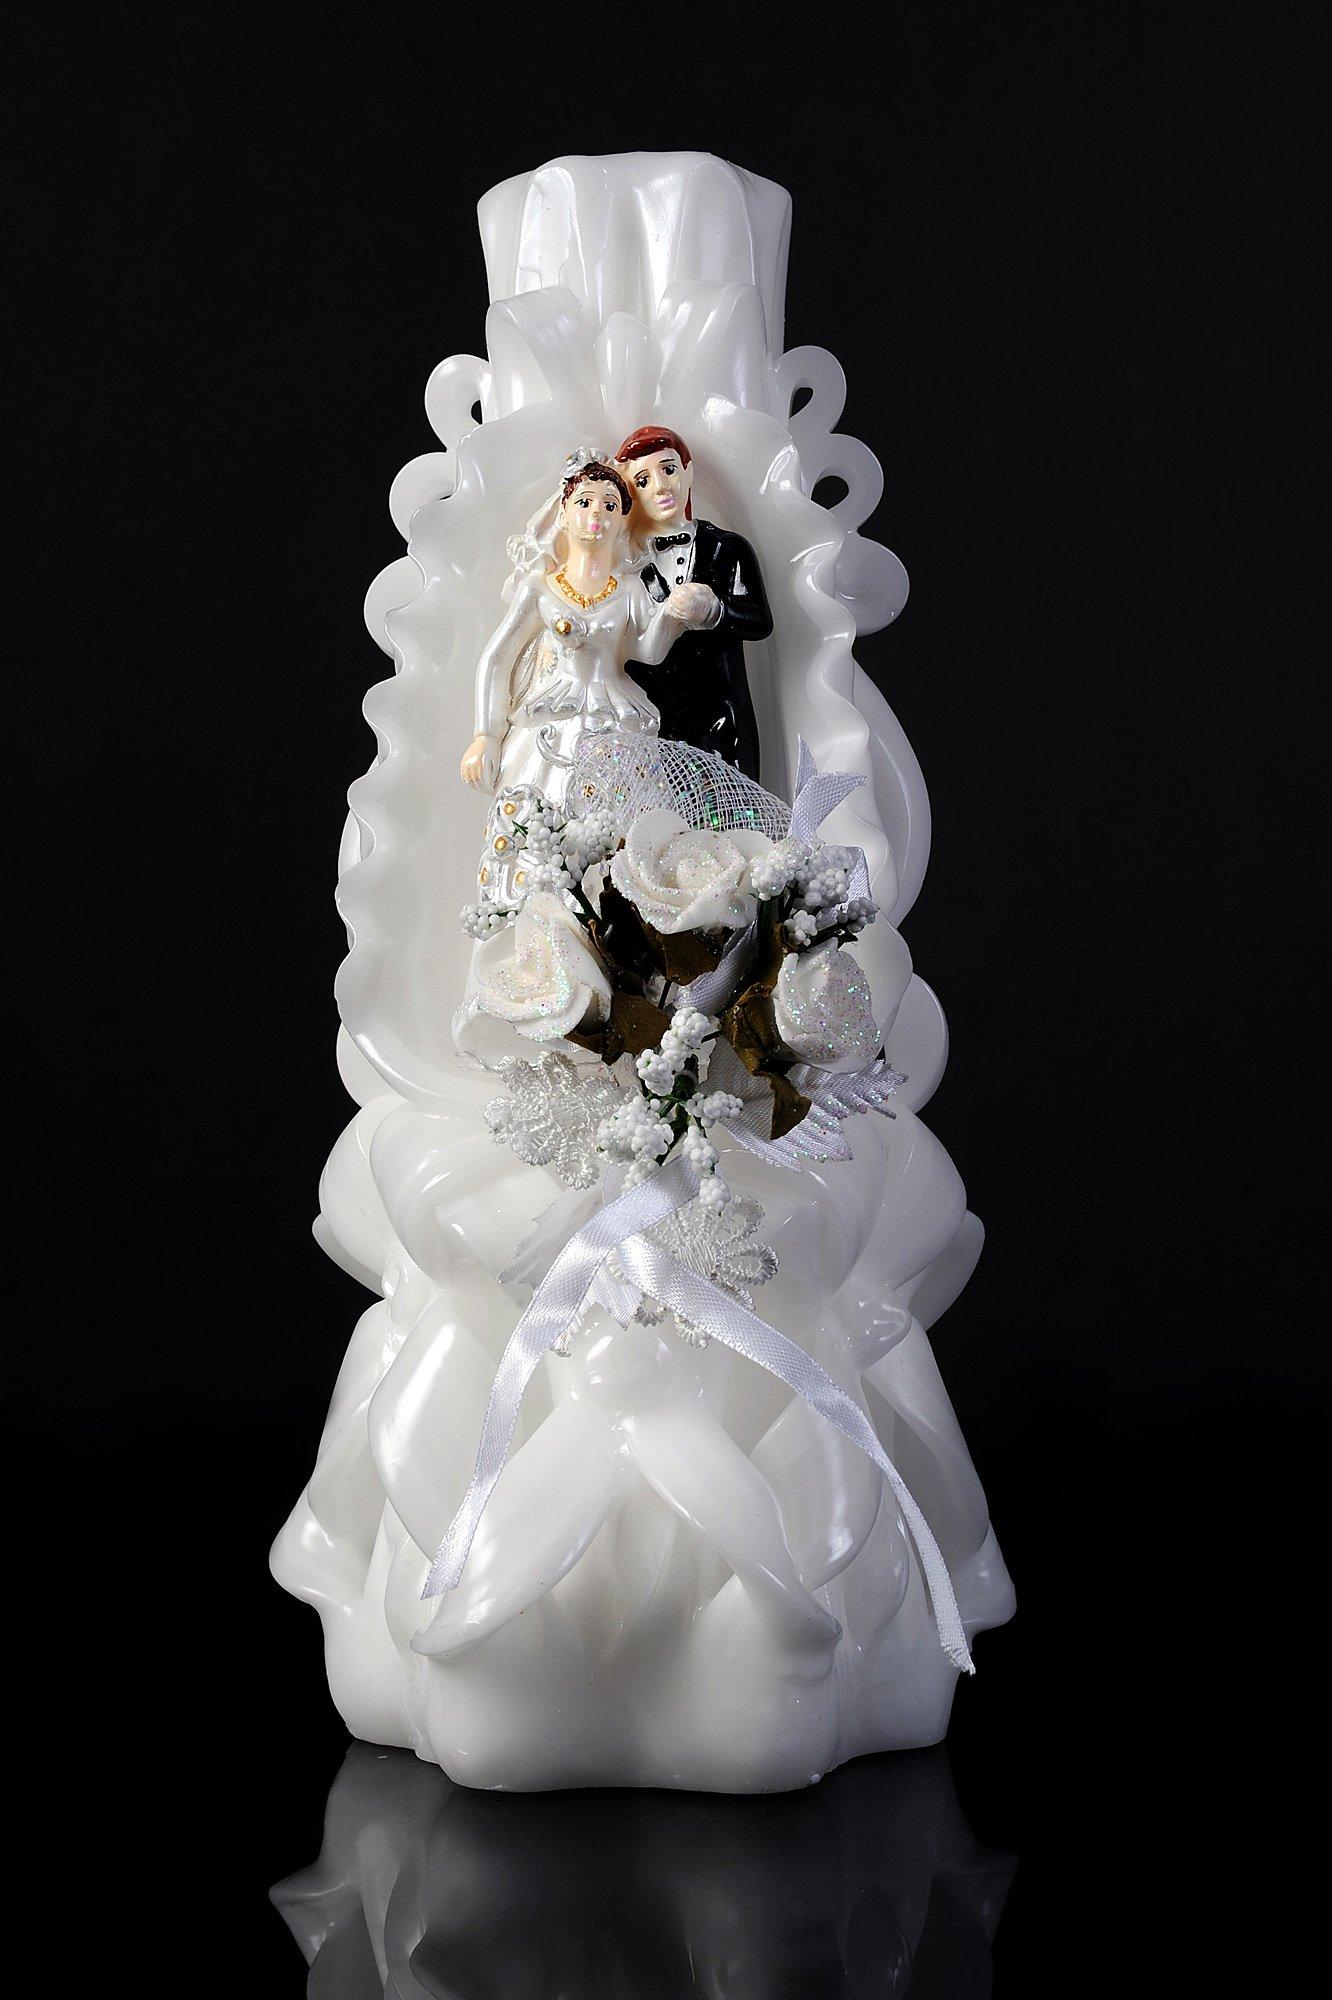 Белоснежная свадебная свеча, украшенная цветными фигурками жениха и невесты.